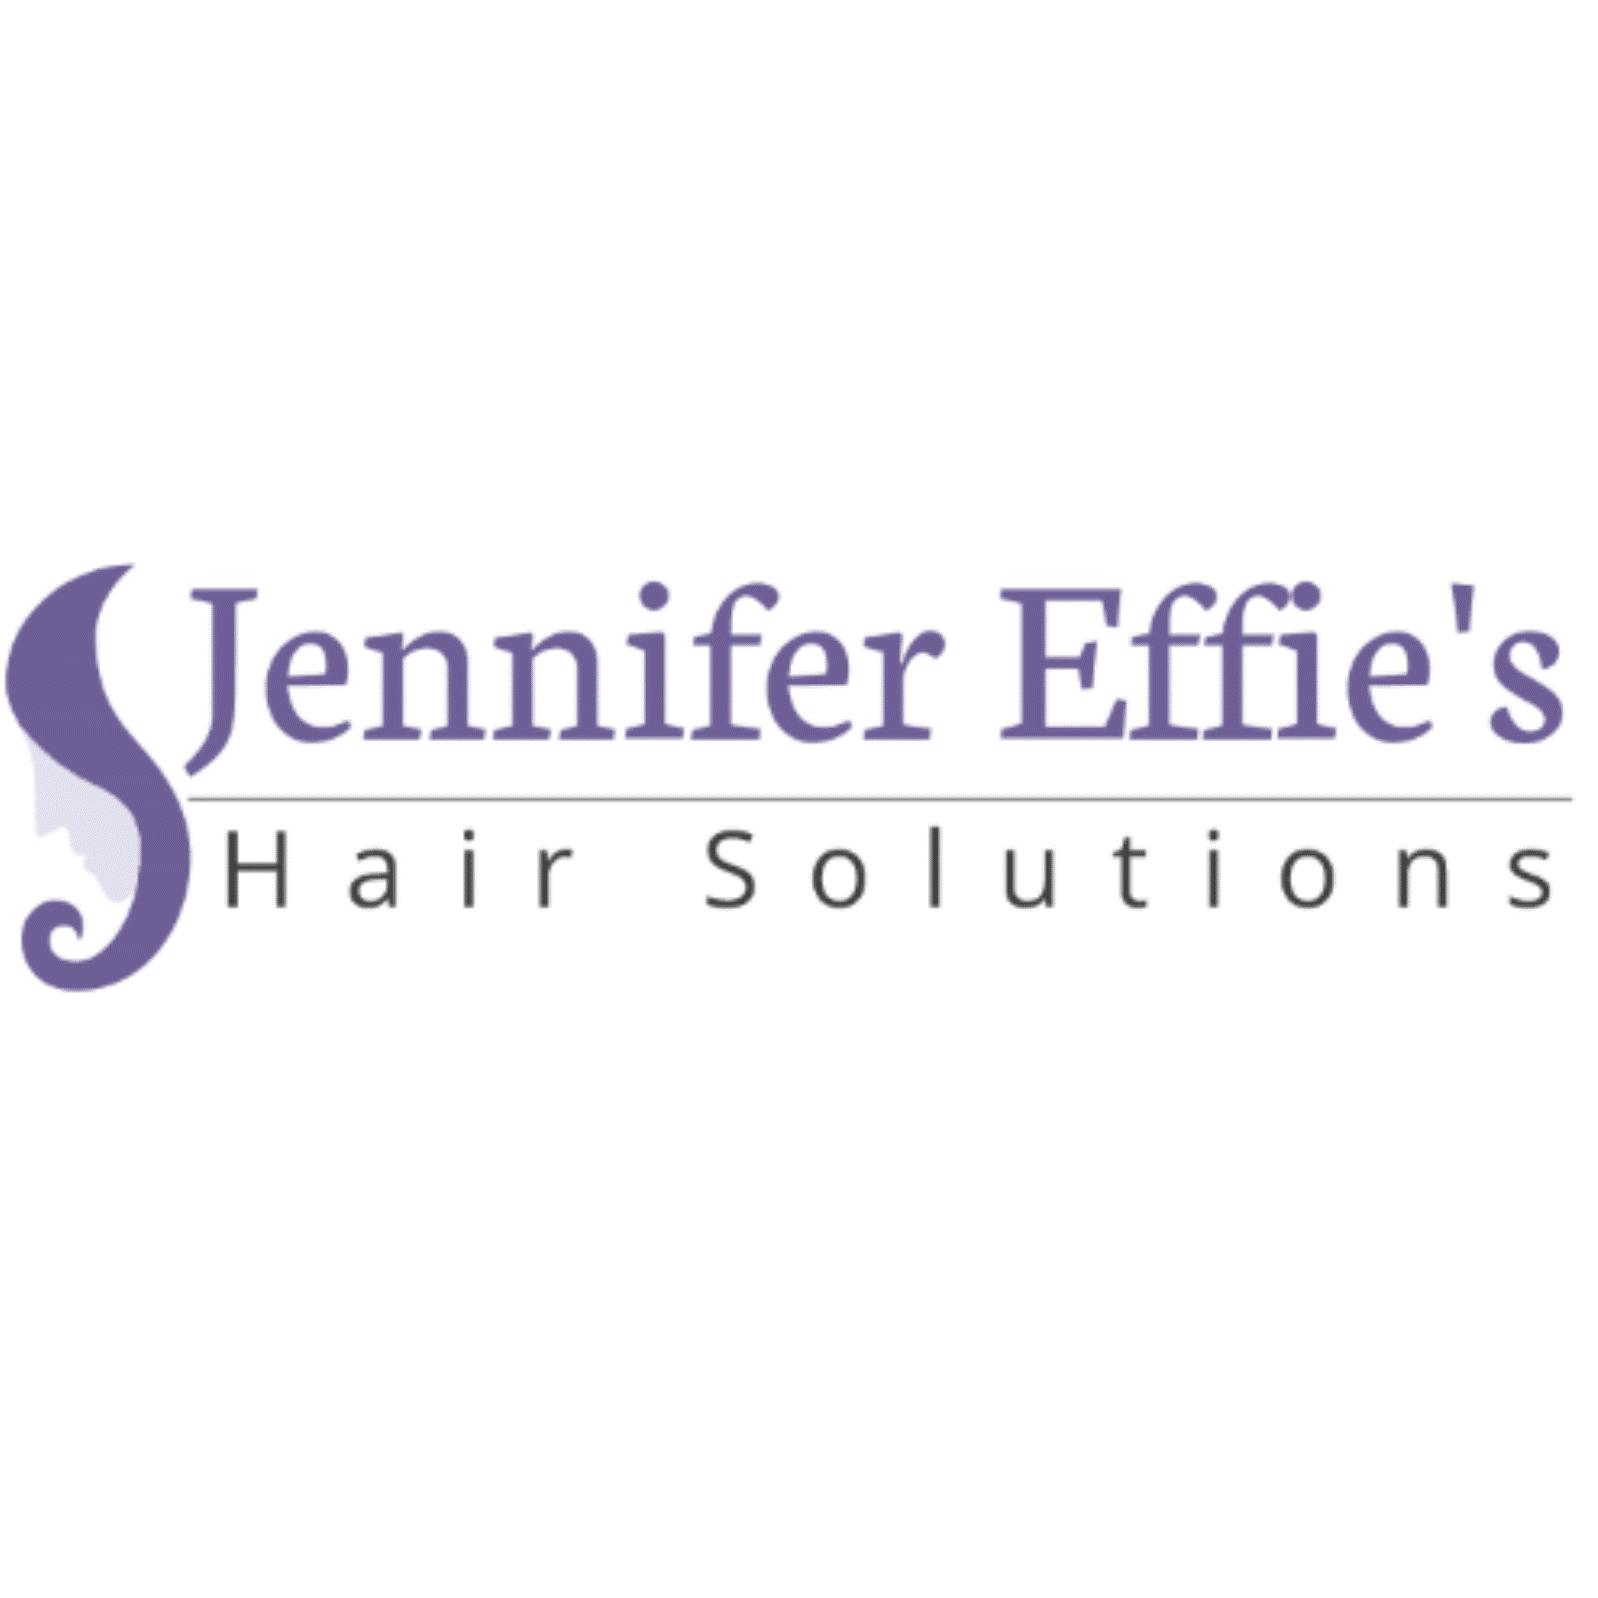 Jennifer Effie's Hair Solutions